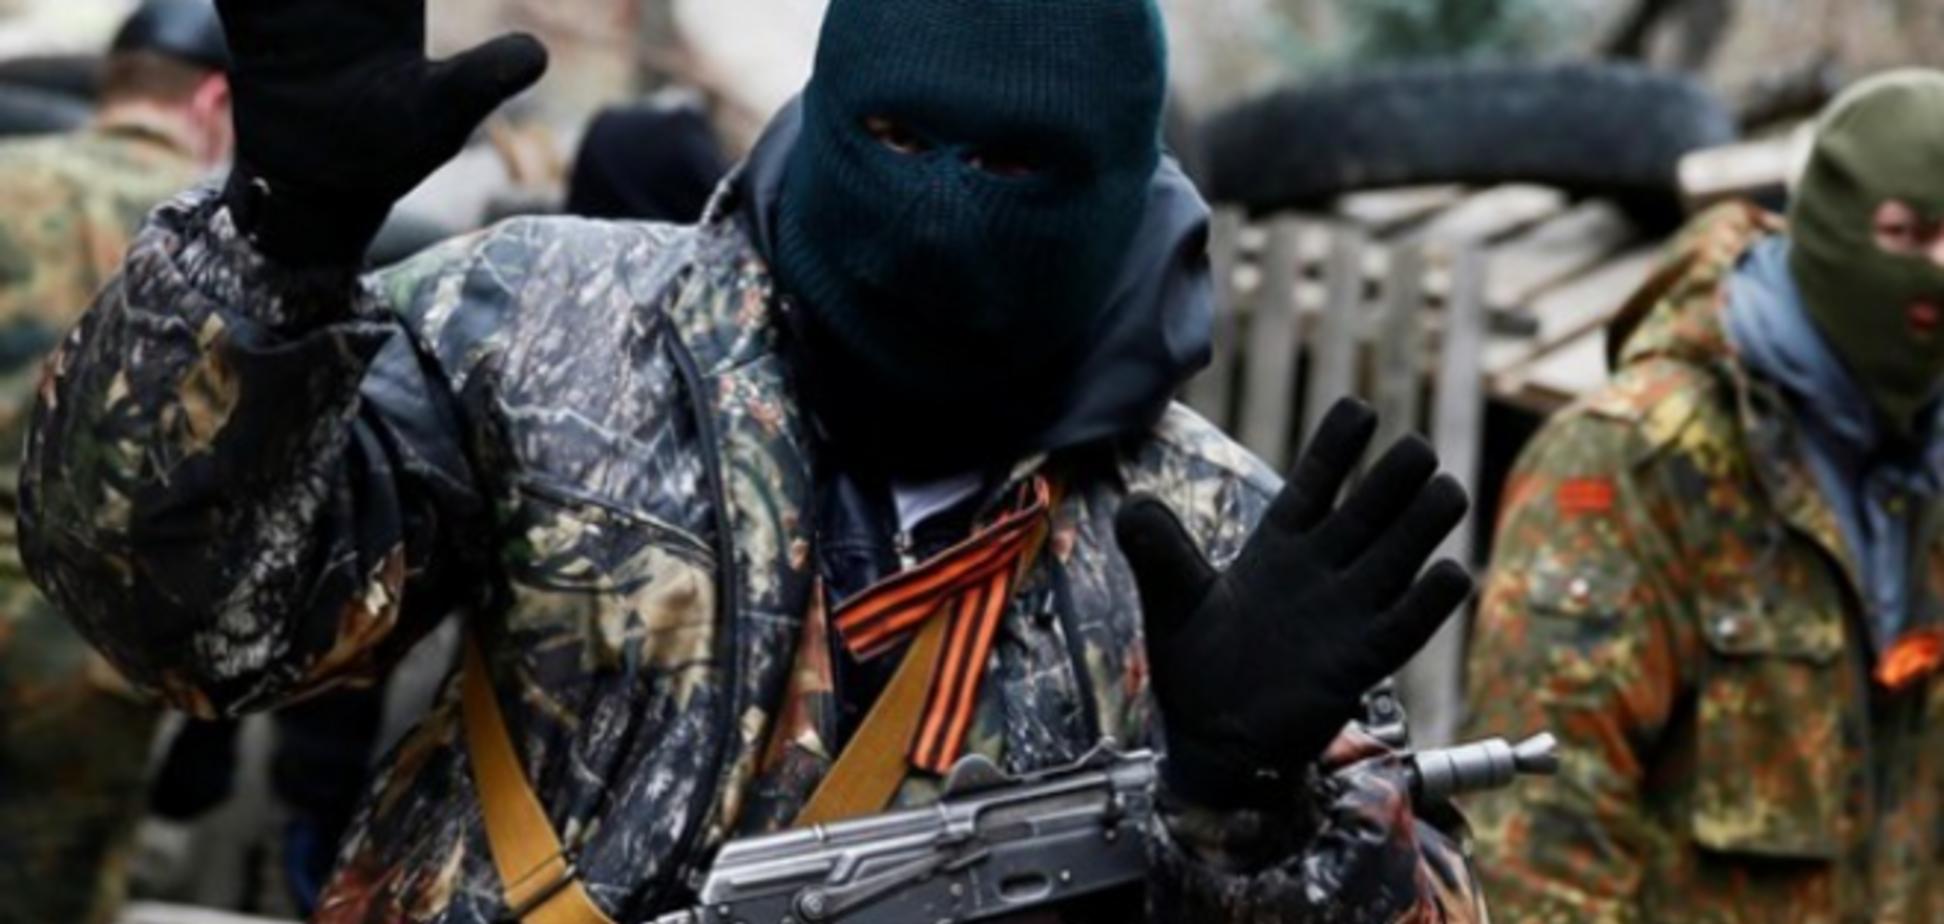 Почему 'правительство ДНР' в кавычках? Журналист рассказал о цензуре террористов